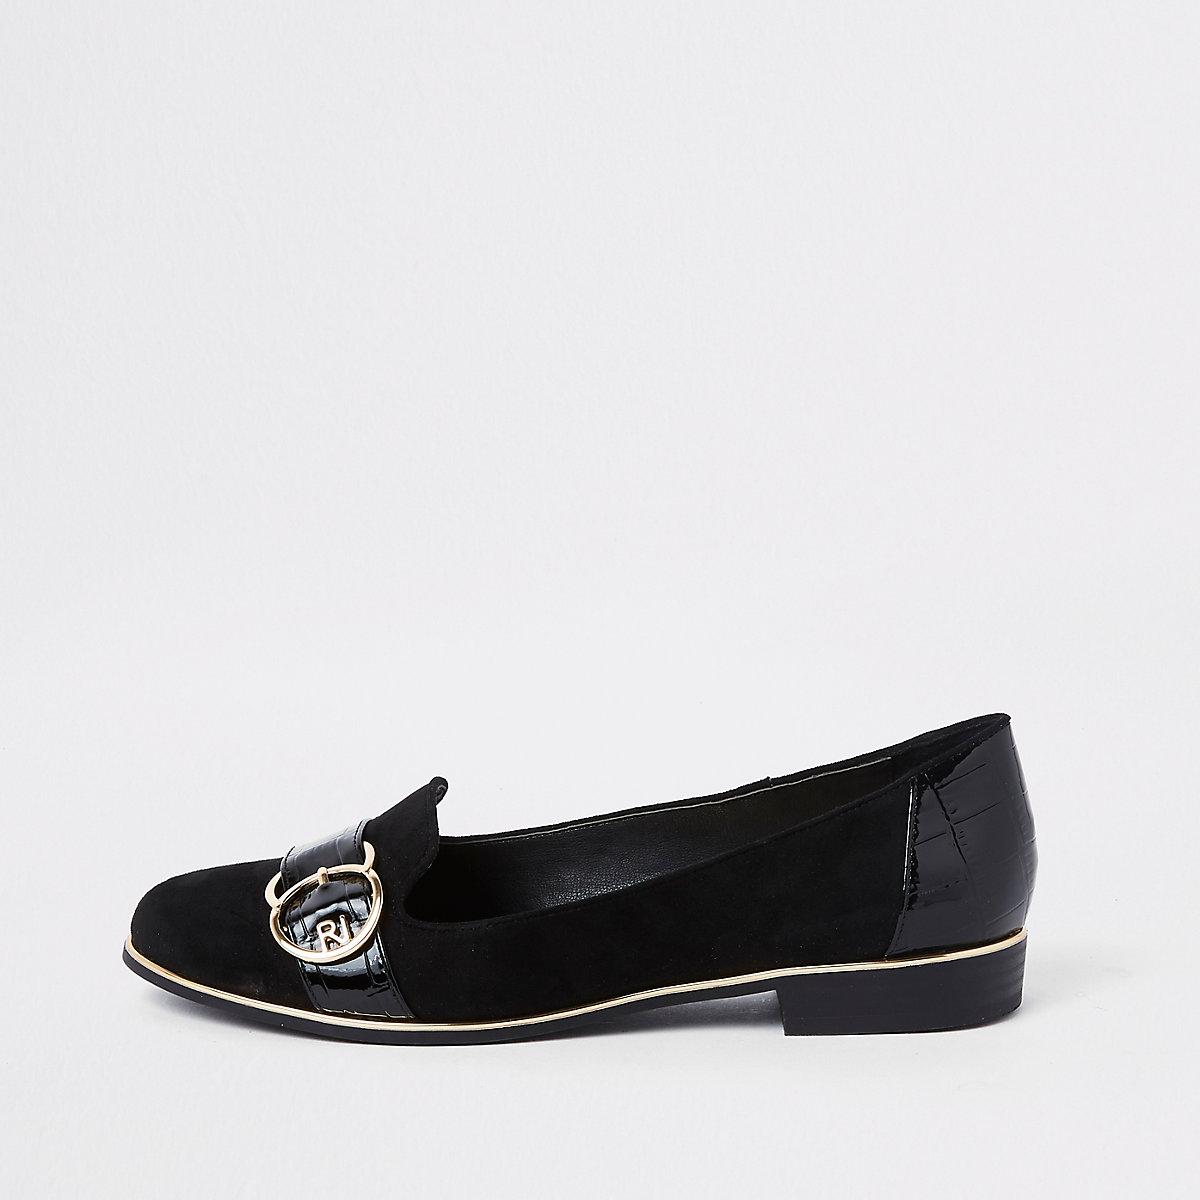 Black gold tone buckle ballet shoe